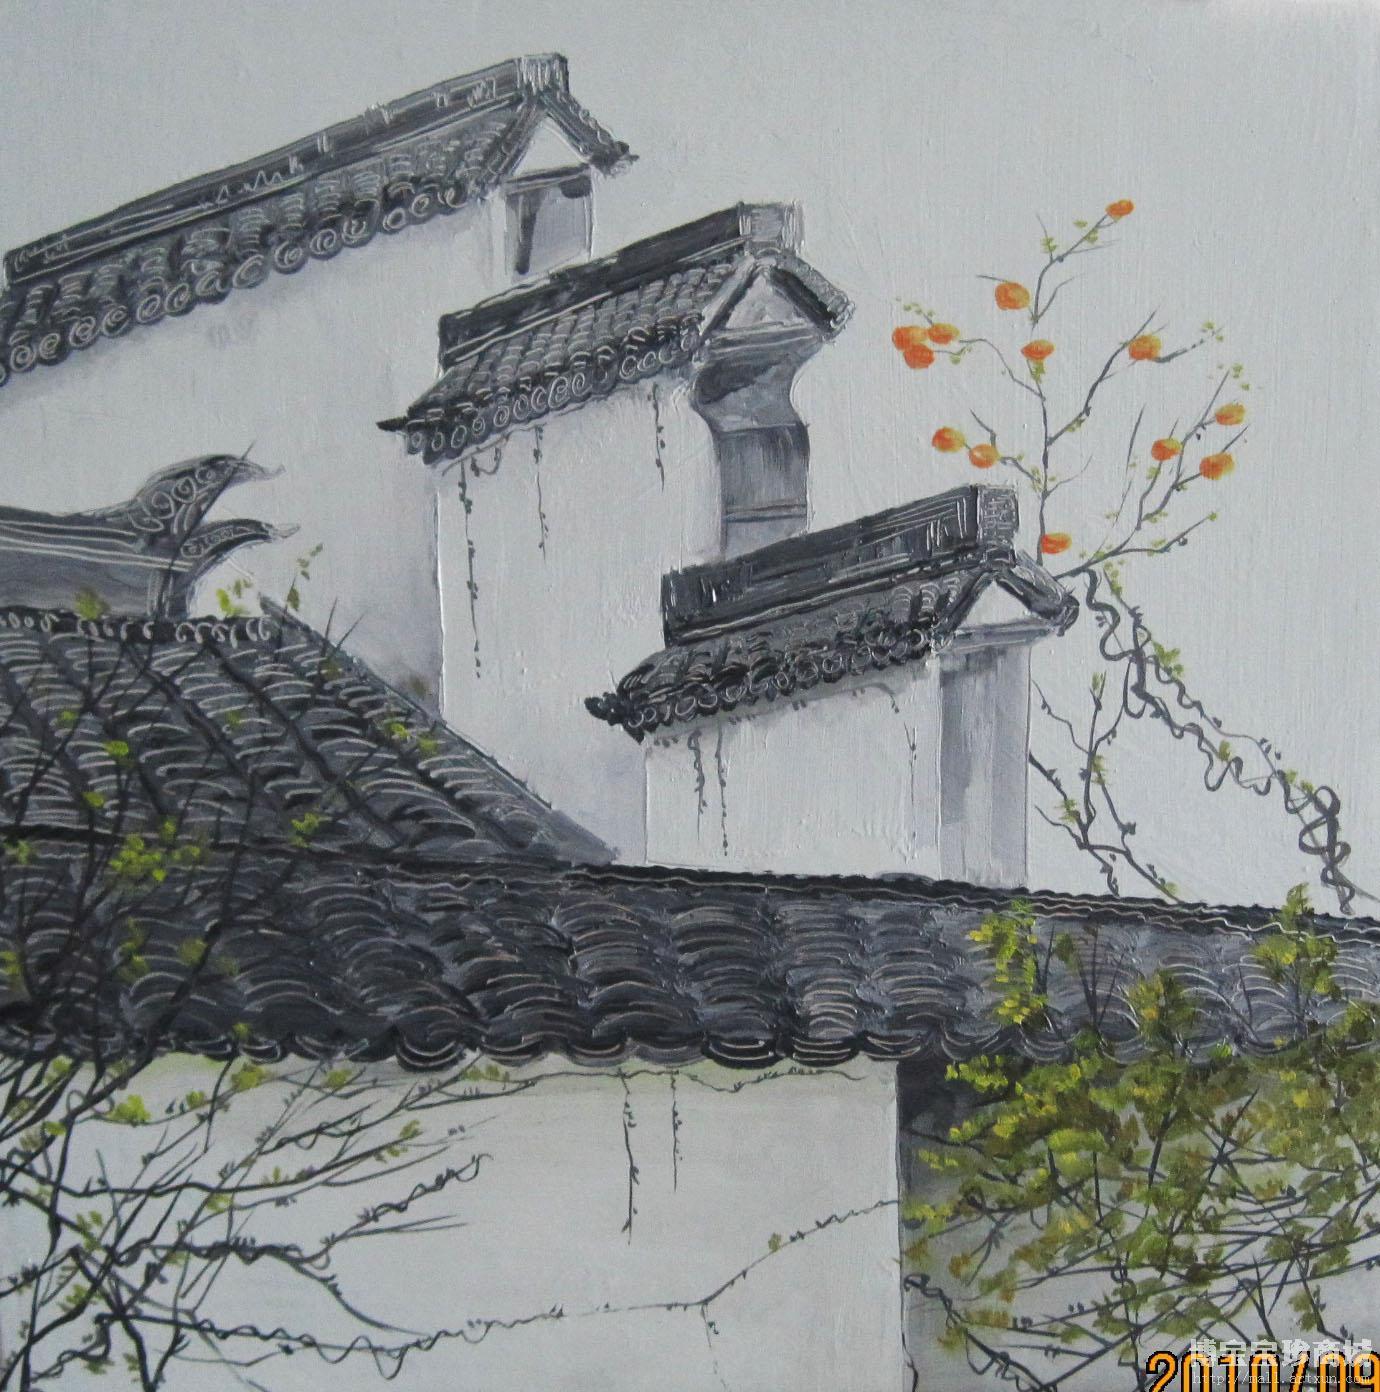 这幅风景油画作品向我们描绘了一幅具有安徽特色的